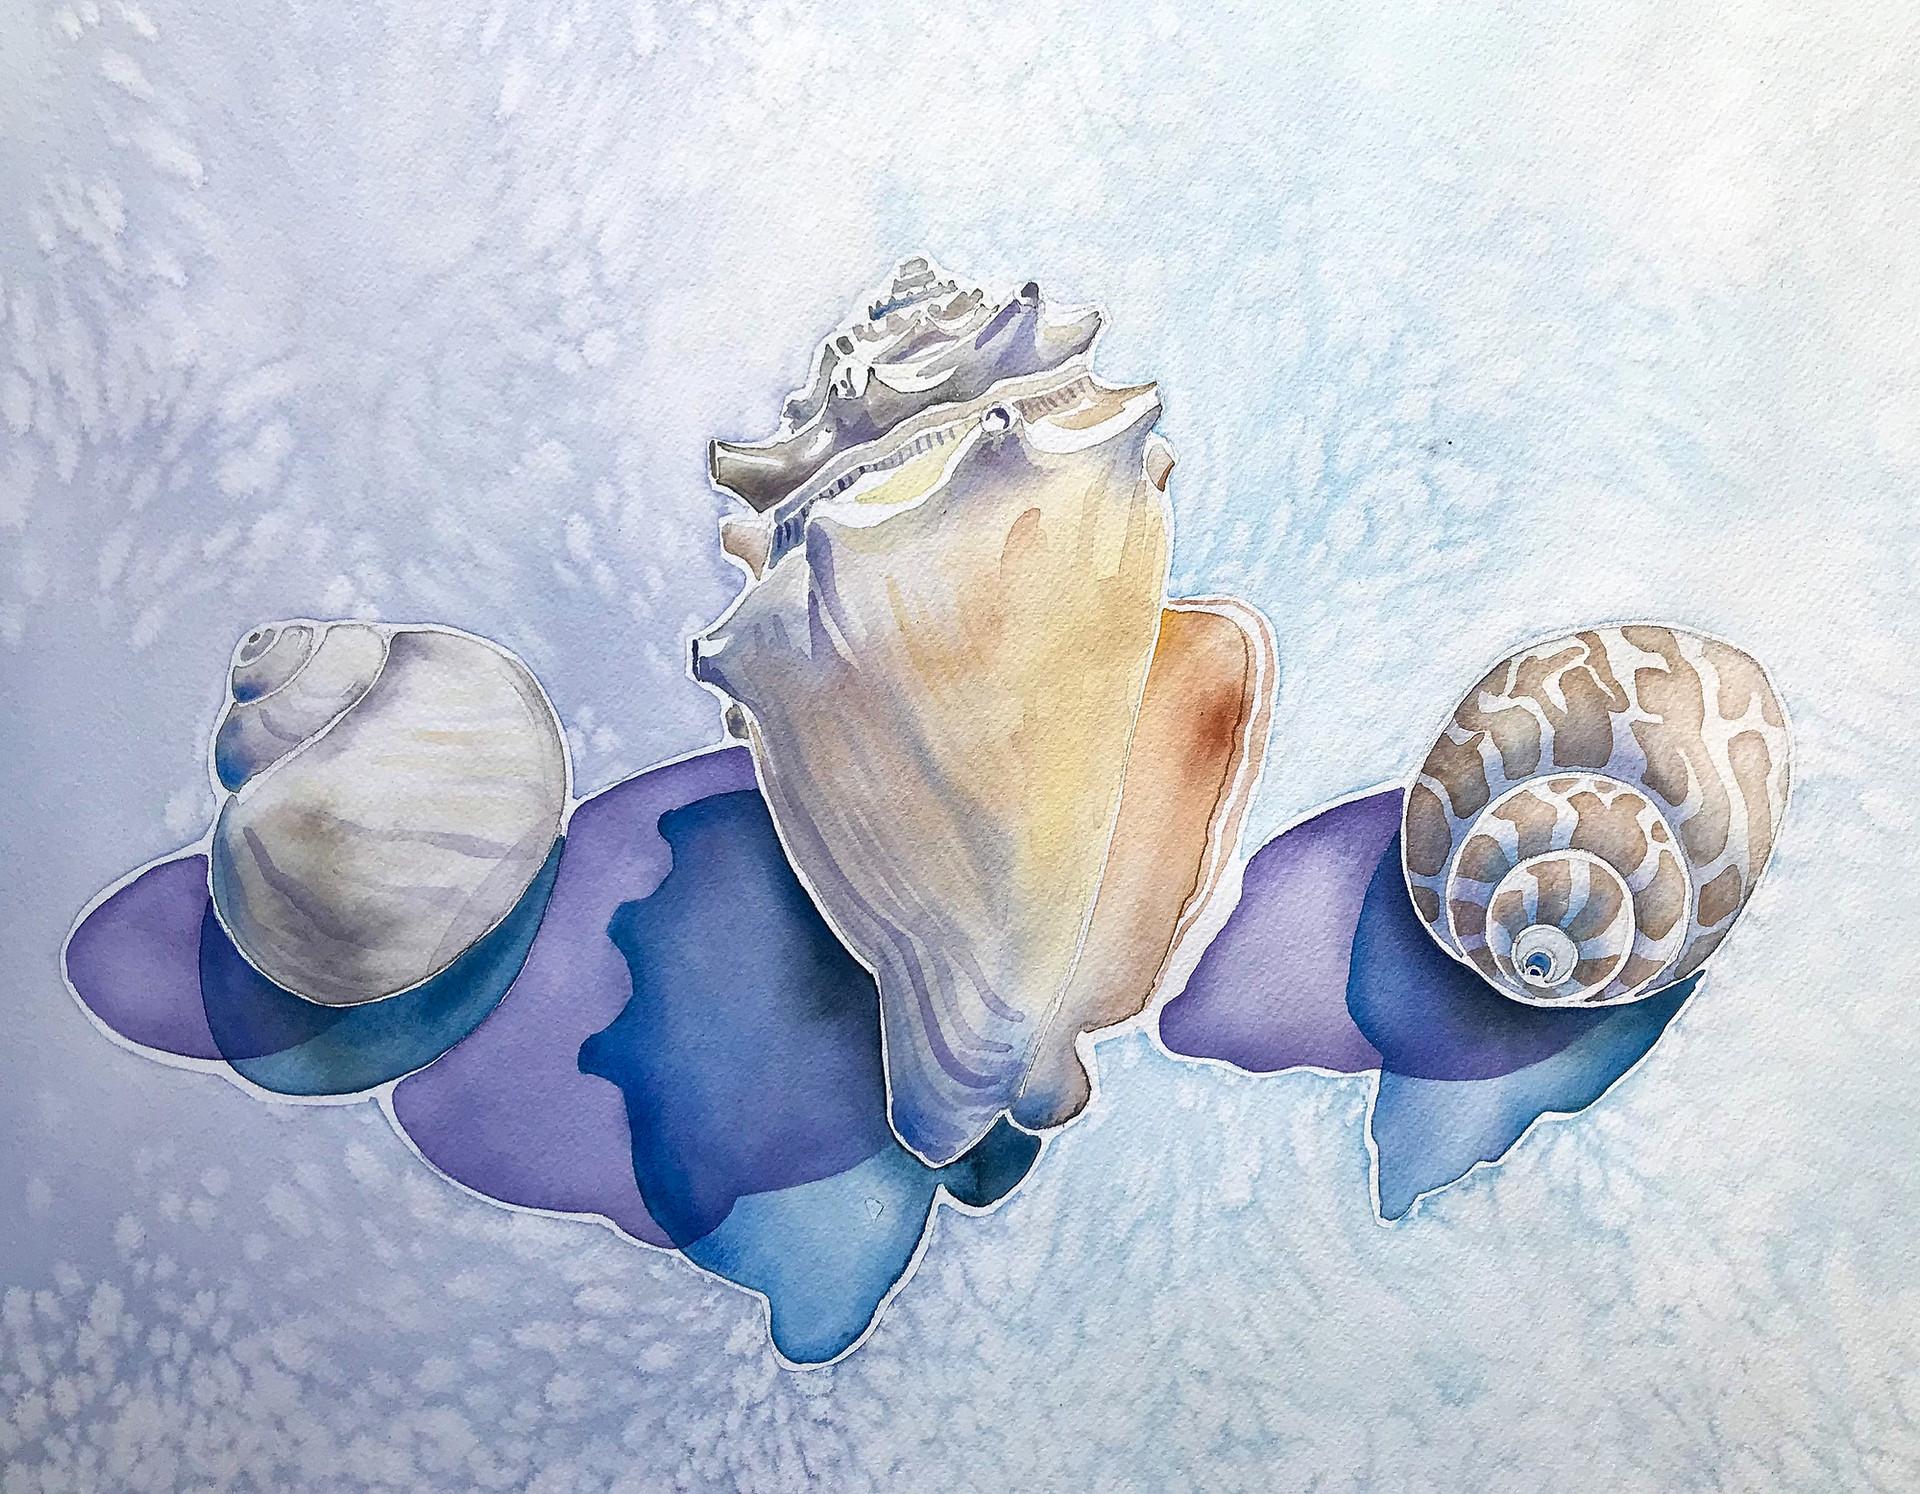 Virginia Watercolor 2020